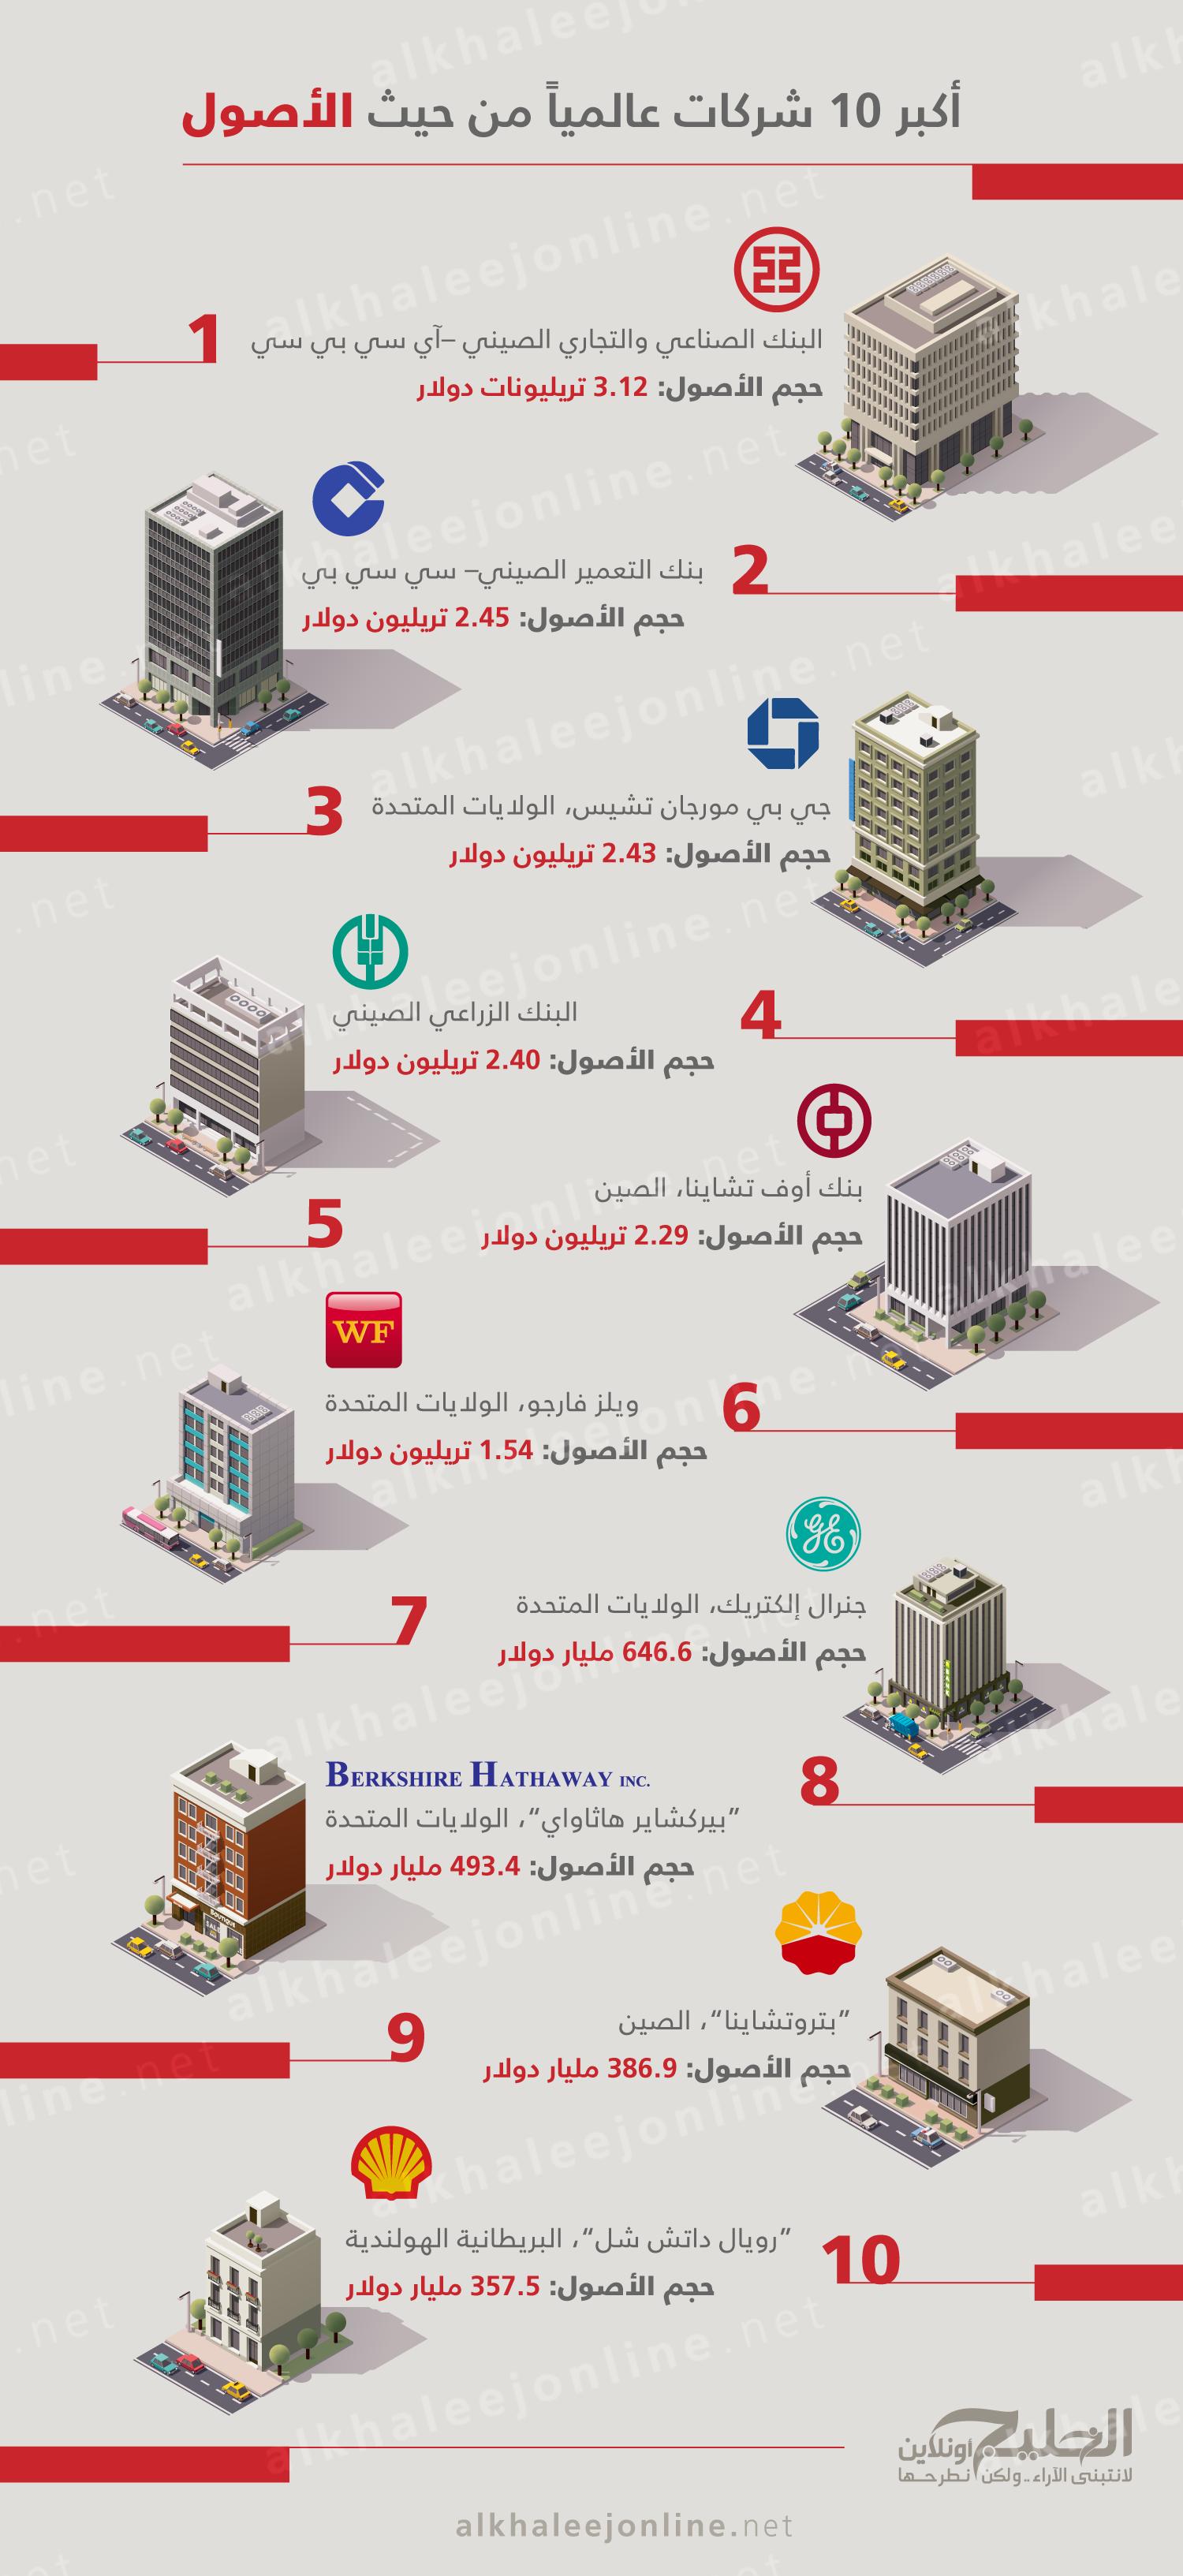 أكبر-الشركات-عالميا-من-حيث-الاصول